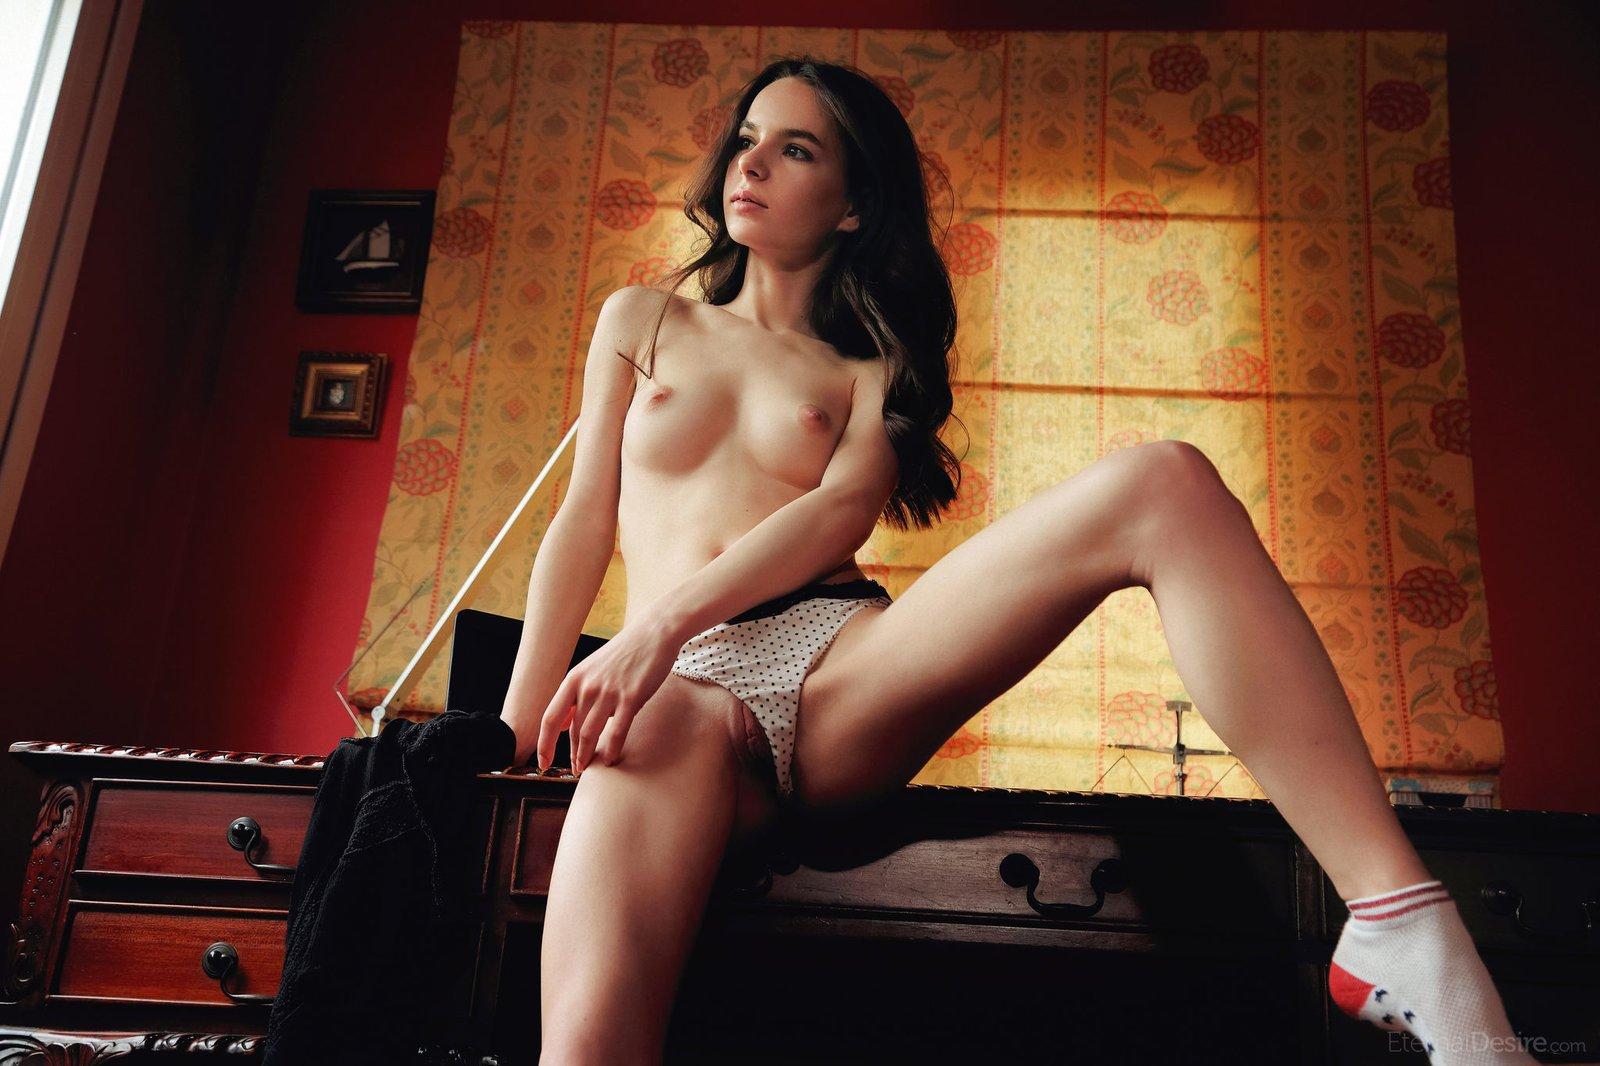 Сексуальная девушка в носках снимает трусики